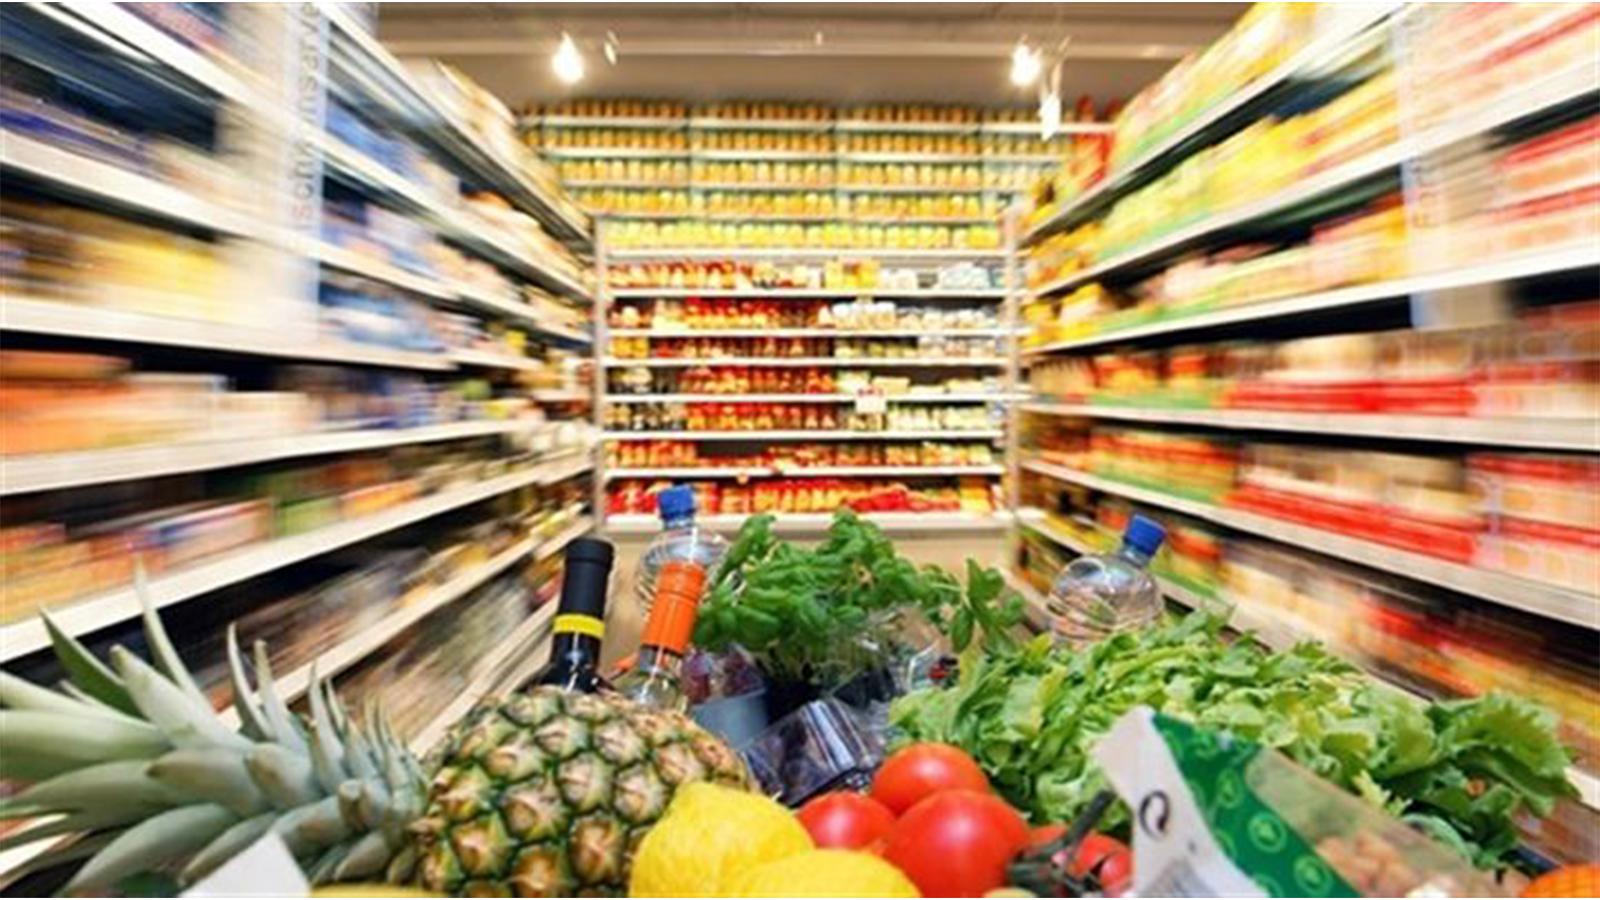 <p>FAO Gıda Fiyat Endeksi, 2020 boyunca üç yılın en yüksek seviyesine ulaştı.</p> <p></p> <p>Birleşmiş Milletler Gıda ve Tarım Örgütü'nün (FAO) bugün yayınladığı veriye göre, dünya gıda fiyatları Aralık ayında süt ürünleri ve bitkisel yağlar başta olmak üzere üst üste 7'nci ayda da arttı.<br />FAO Gıda Fiyat Endeksi Aralık ayında ortalama 107.5 puan ile Kasım ayına göre yüzde 2.2 daha yüksek oranda gerçekleşti. Yaygın olarak ticareti yapılan gıda emtialarının uluslararası fiyatlarındaki aylık değişiklikleri izleyen endeks, 2020 yılı süresince ortalama 97.9 puan seviyesinde bulunuyor. Bu rakam 2019'a göre yüzde 3.1'lik fazla olmasına rağmen, son üç yılın en yüksek seviyesinde gerçekleşti. Diğer taraftan aynı rakam 2011'deki tarihi zirvenin ise yüzde 25 altında yer alıyor.</p> <p></p> <p>FAO Tahıl Fiyat Endeksi Kasım ayına göre yüzde 1.1 arttı ve 2020'nin tamamı için 2019 seviyesinin ortalama yüzde 6.6 üzerinde seyrediyor. Aralık ayında buğday, mısır, sorgum ve pirinç için ihracat fiyatları, Rusya Federasyonu'nun yanı sıra Kuzey ve Güney Amerika'daki büyüme koşulları ve mahsul beklentileri konusundaki endişelerden dolayı kısmen yükseldi. Yıllık bazda, 2020'de pirinç ihracat fiyatları 2019'a göre yüzde 8.6, mısır ve buğday için ise sırasıyla yüzde 7.6 ve yüzde 5.6 arttı.</p> <p></p> <p>Bitkisel Yağ Fiyat Endeksi Aralık ayında yüzde 4.7 artarak Eylül 2012'den bu yana en yüksek seviyesine ulaştı. Fiyatlar, Palm yağı üreten başlıca ülkelerde devam eden arz sıkışıklığının yanı sıra, uluslararası ticaret Endonezya'daki ihracat vergilerindeki keskin artıştan etkilendi. Uluslararası soya yağı fiyatları, Arjantin'deki hem ezme faaliyetlerini hem de liman lojistiğini etkileyen uzun süreli grevler nedeniyle kısmen yükseldi. Bu alt endeks, 2020'de bir önceki yıla göre ortalama yüzde 19.1 daha yüksekti.</p> <p></p> <p>Süt Ürünleri Fiyat Endeksi Aralık ayında yüzde 3.2 artarak üst üste yedi aydır yükseliyor. Okyanusya'nın süt üretimindeki daha kuru ve daha sıcak koşulların yanı sır